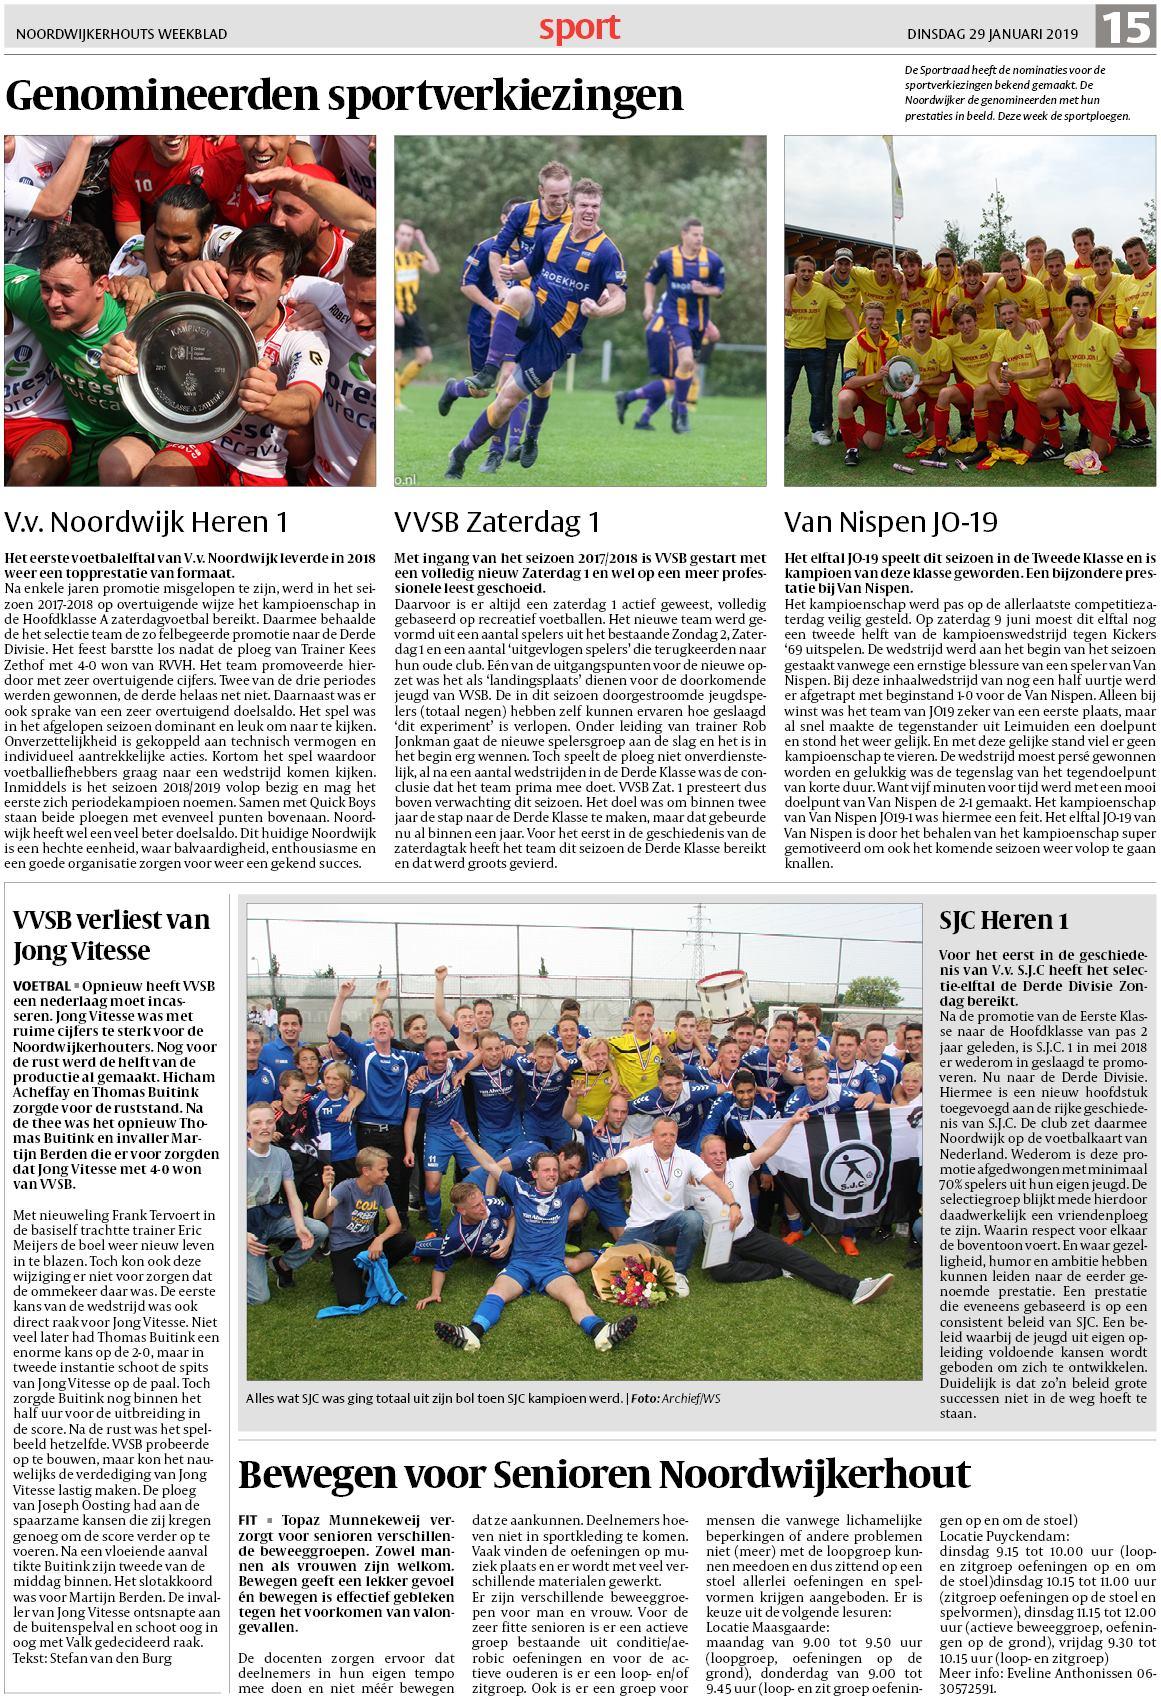 ba7ca7074f0 Noordwijkerhouts Weekblad 29 januari 2019